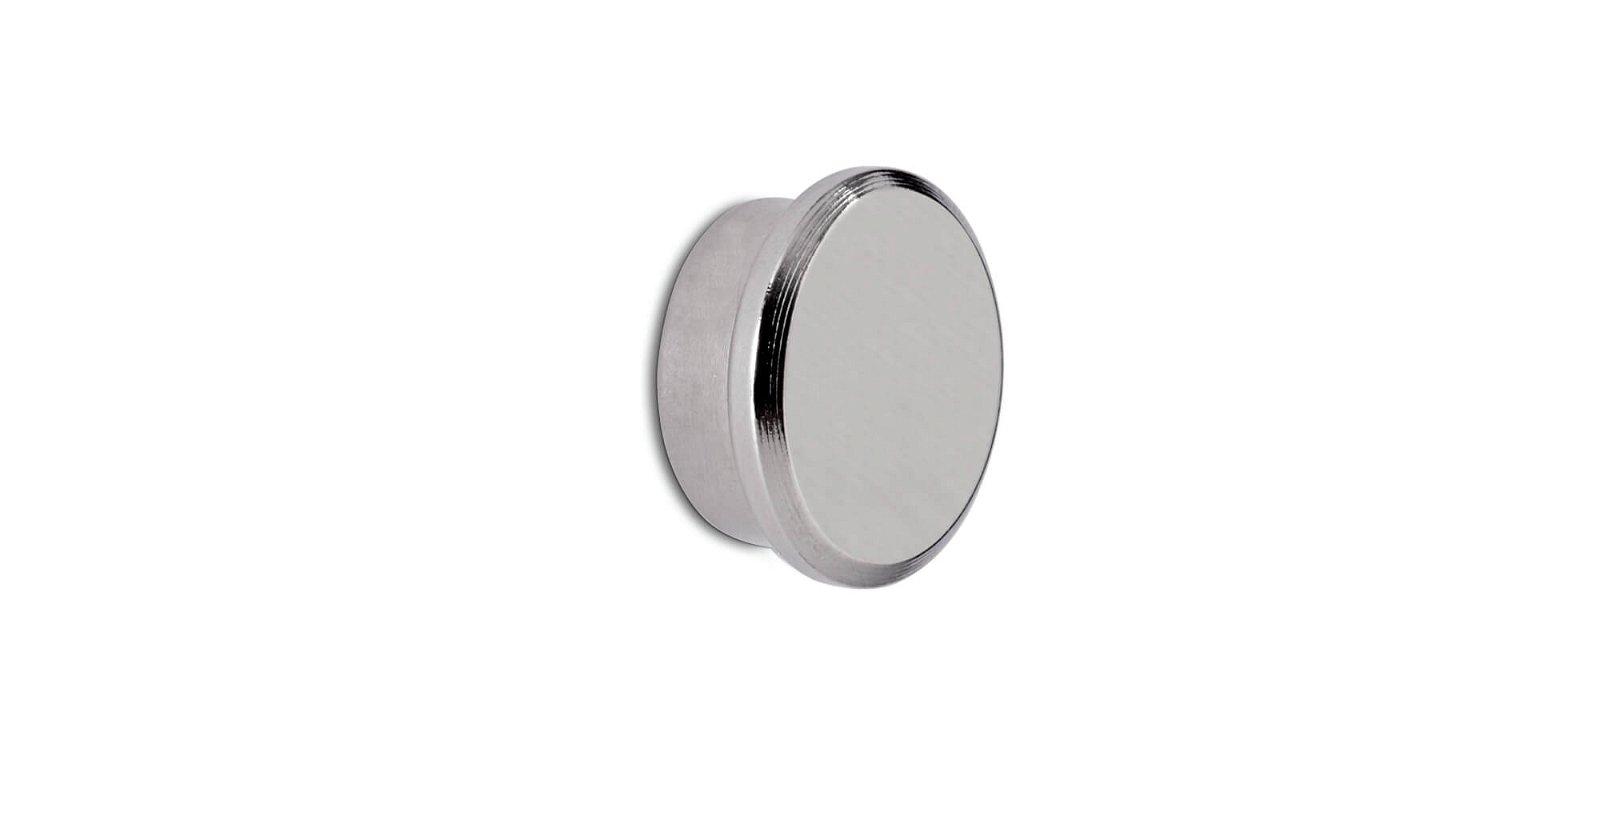 Neodym-Kraftmagnet, Ø 22 mm, 8 kg Haftkraft, hellsilber